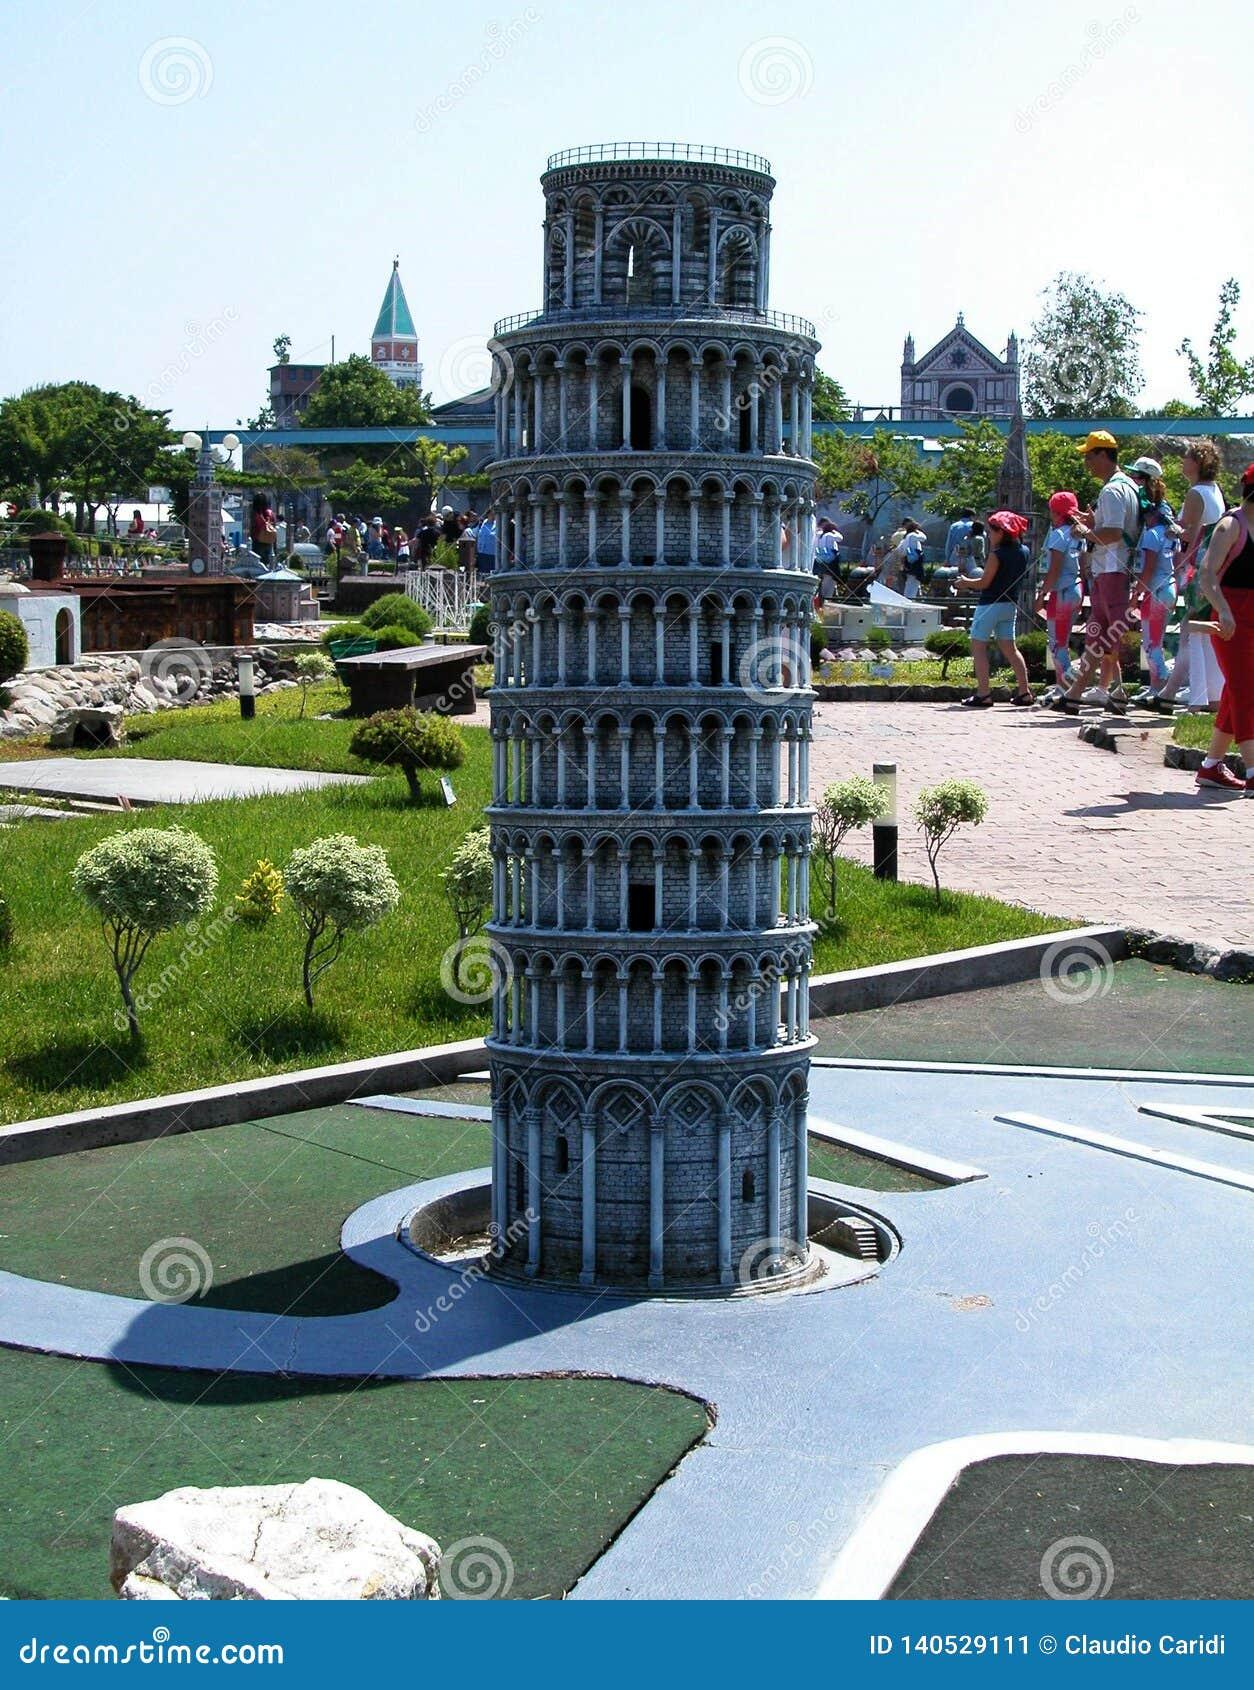 """Tour de Pise dans le parc à thème """"Italie en miniature """"Italie dans le miniatura Viserba, Rimini, Italie"""